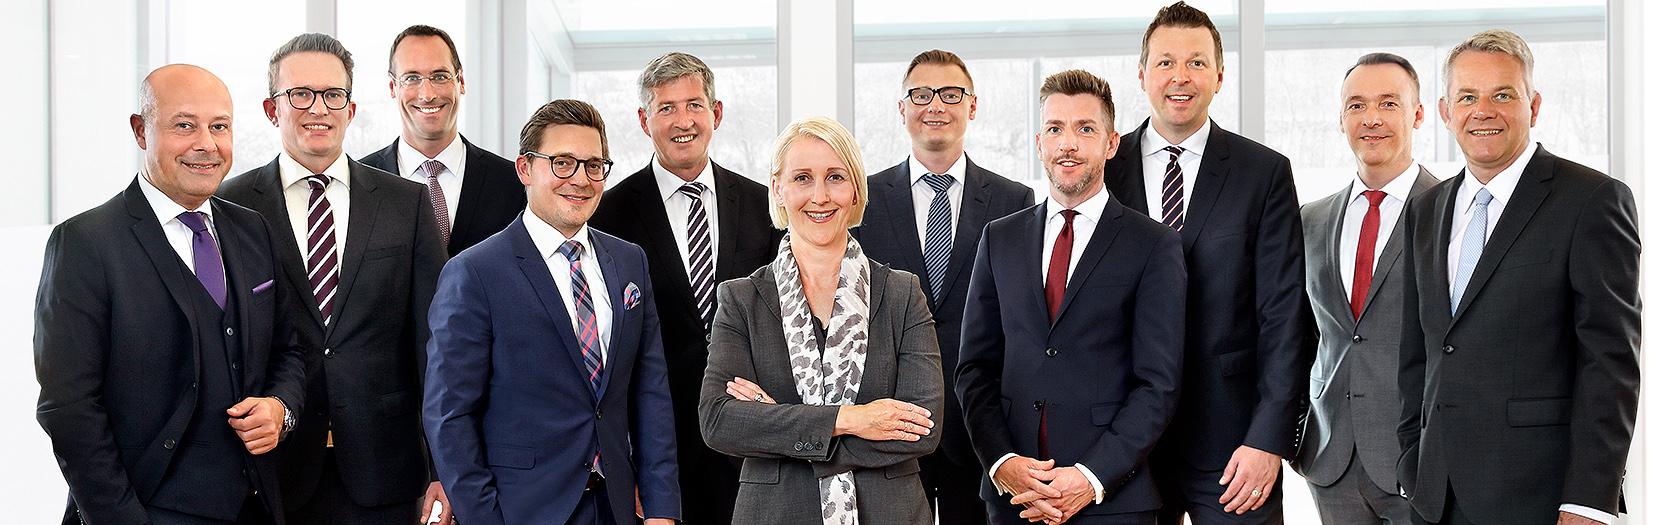 Das Team der S PrivateBanking Dortmund GmbH